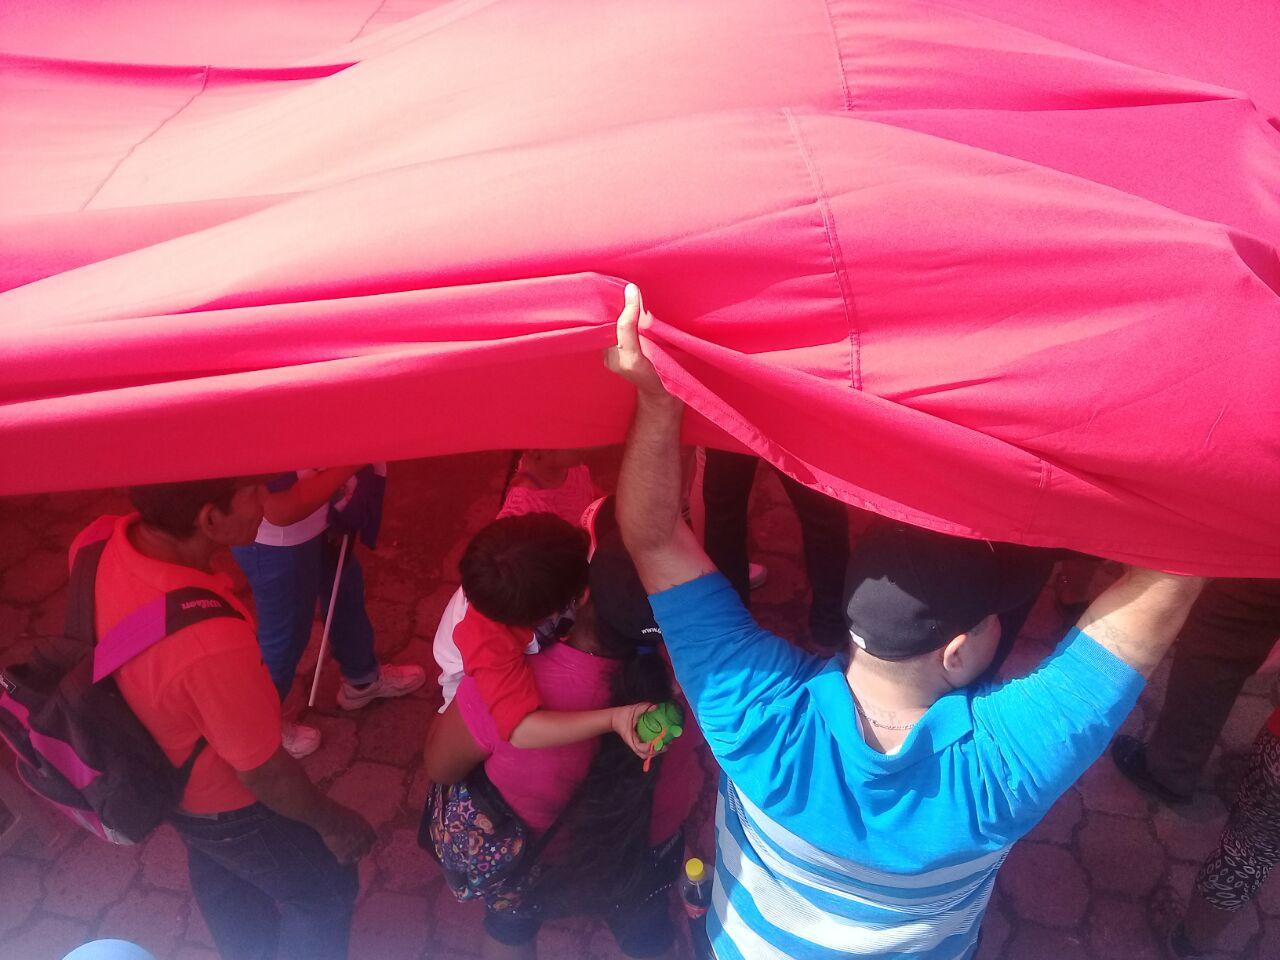 El régimen intentó disimular la poca cantidad de personas con enormes banderas. Foto/Artículo66